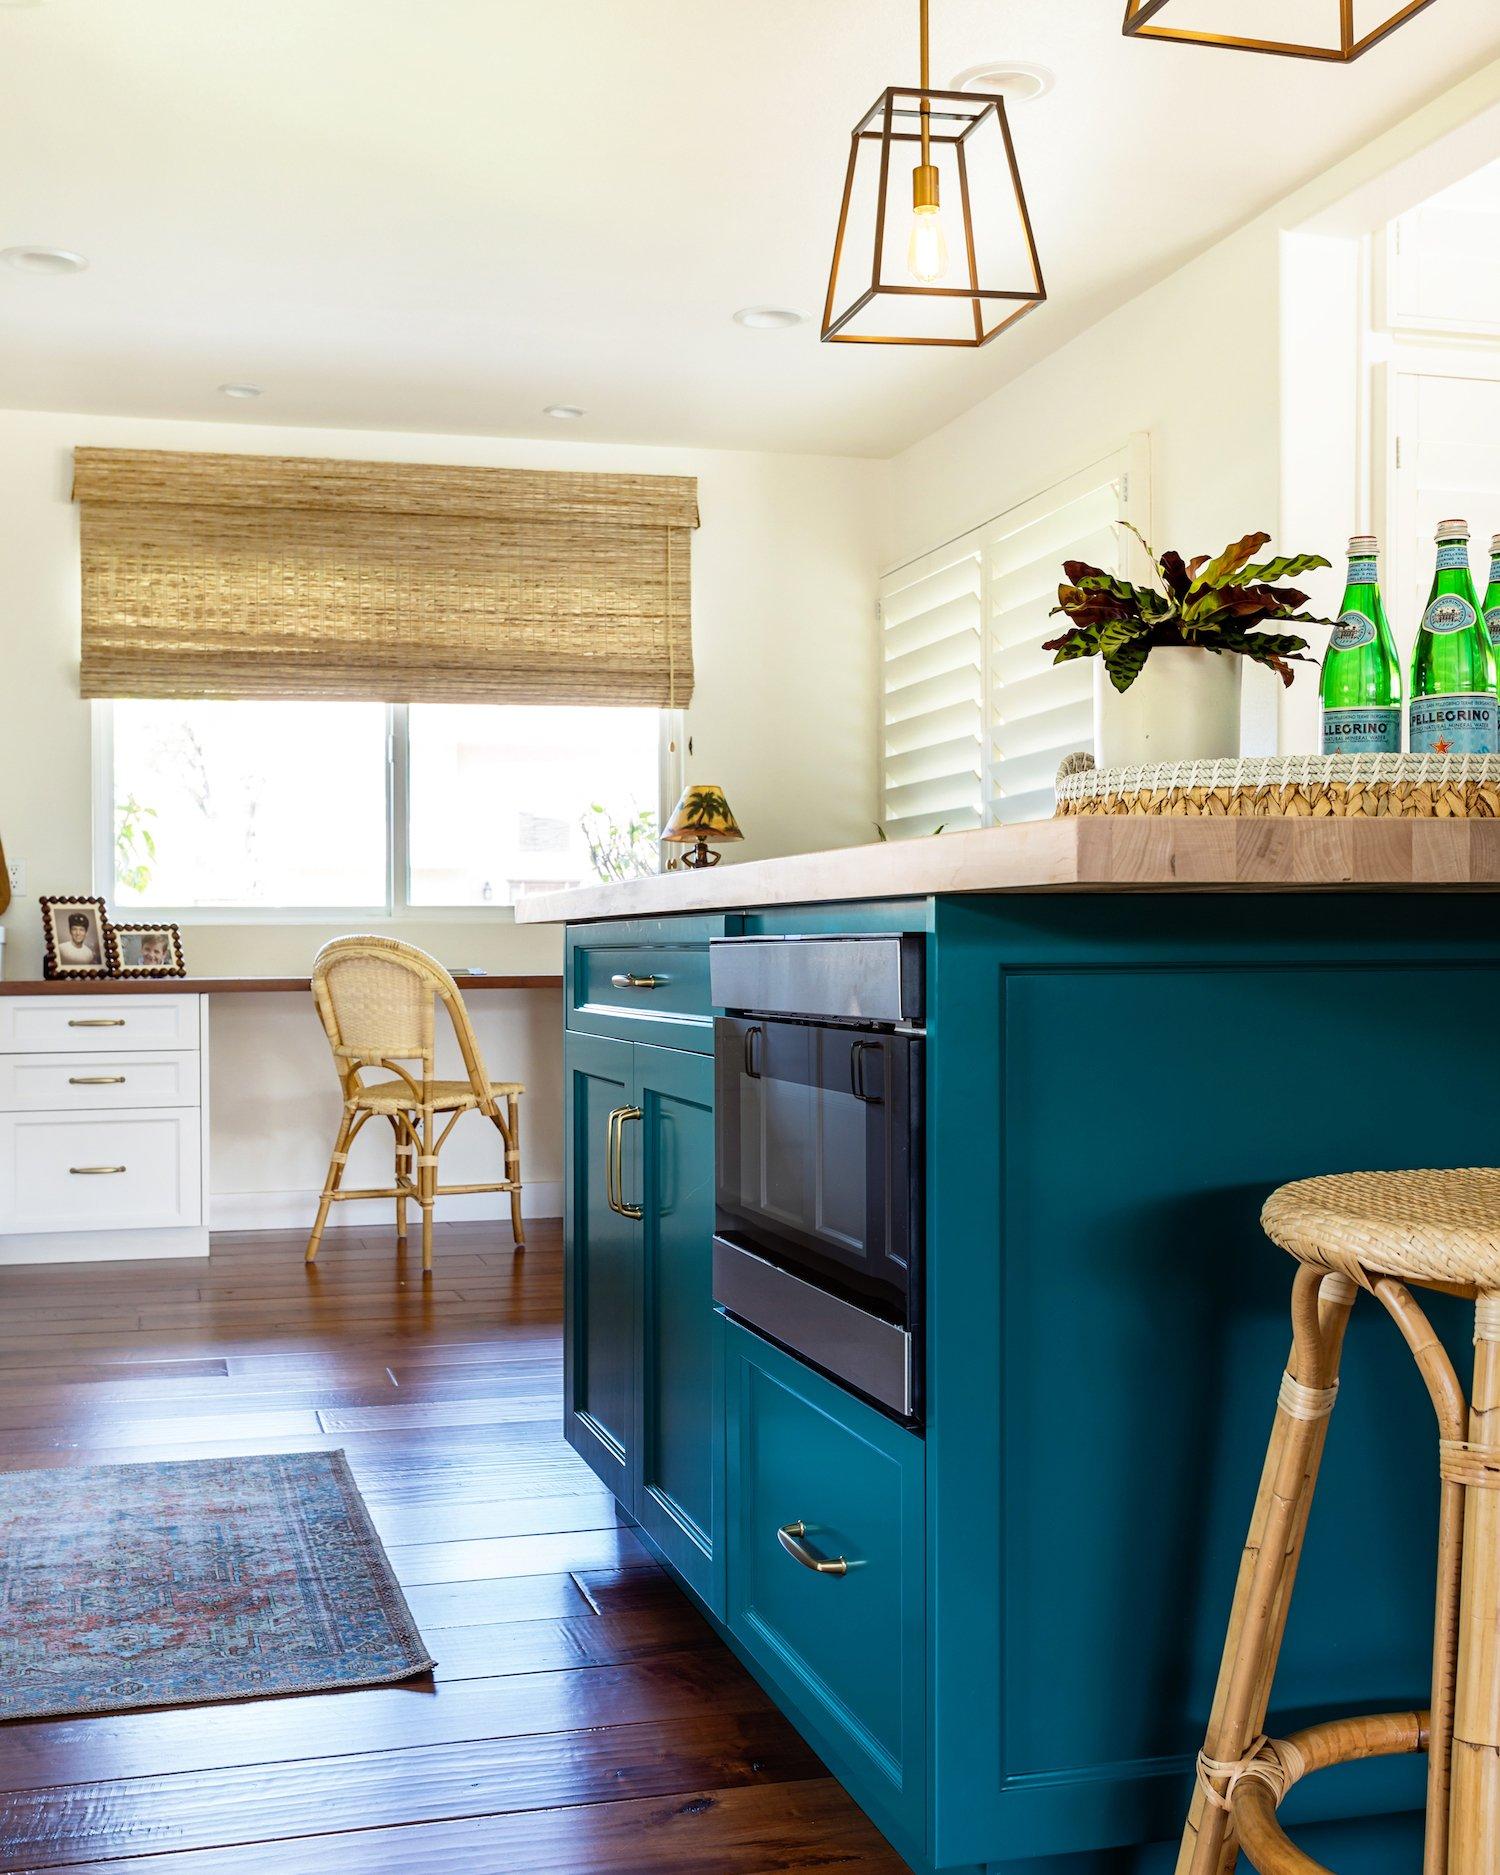 budget-friendly kitchen details - westlake kitchen renovation - turquoise kitchen island